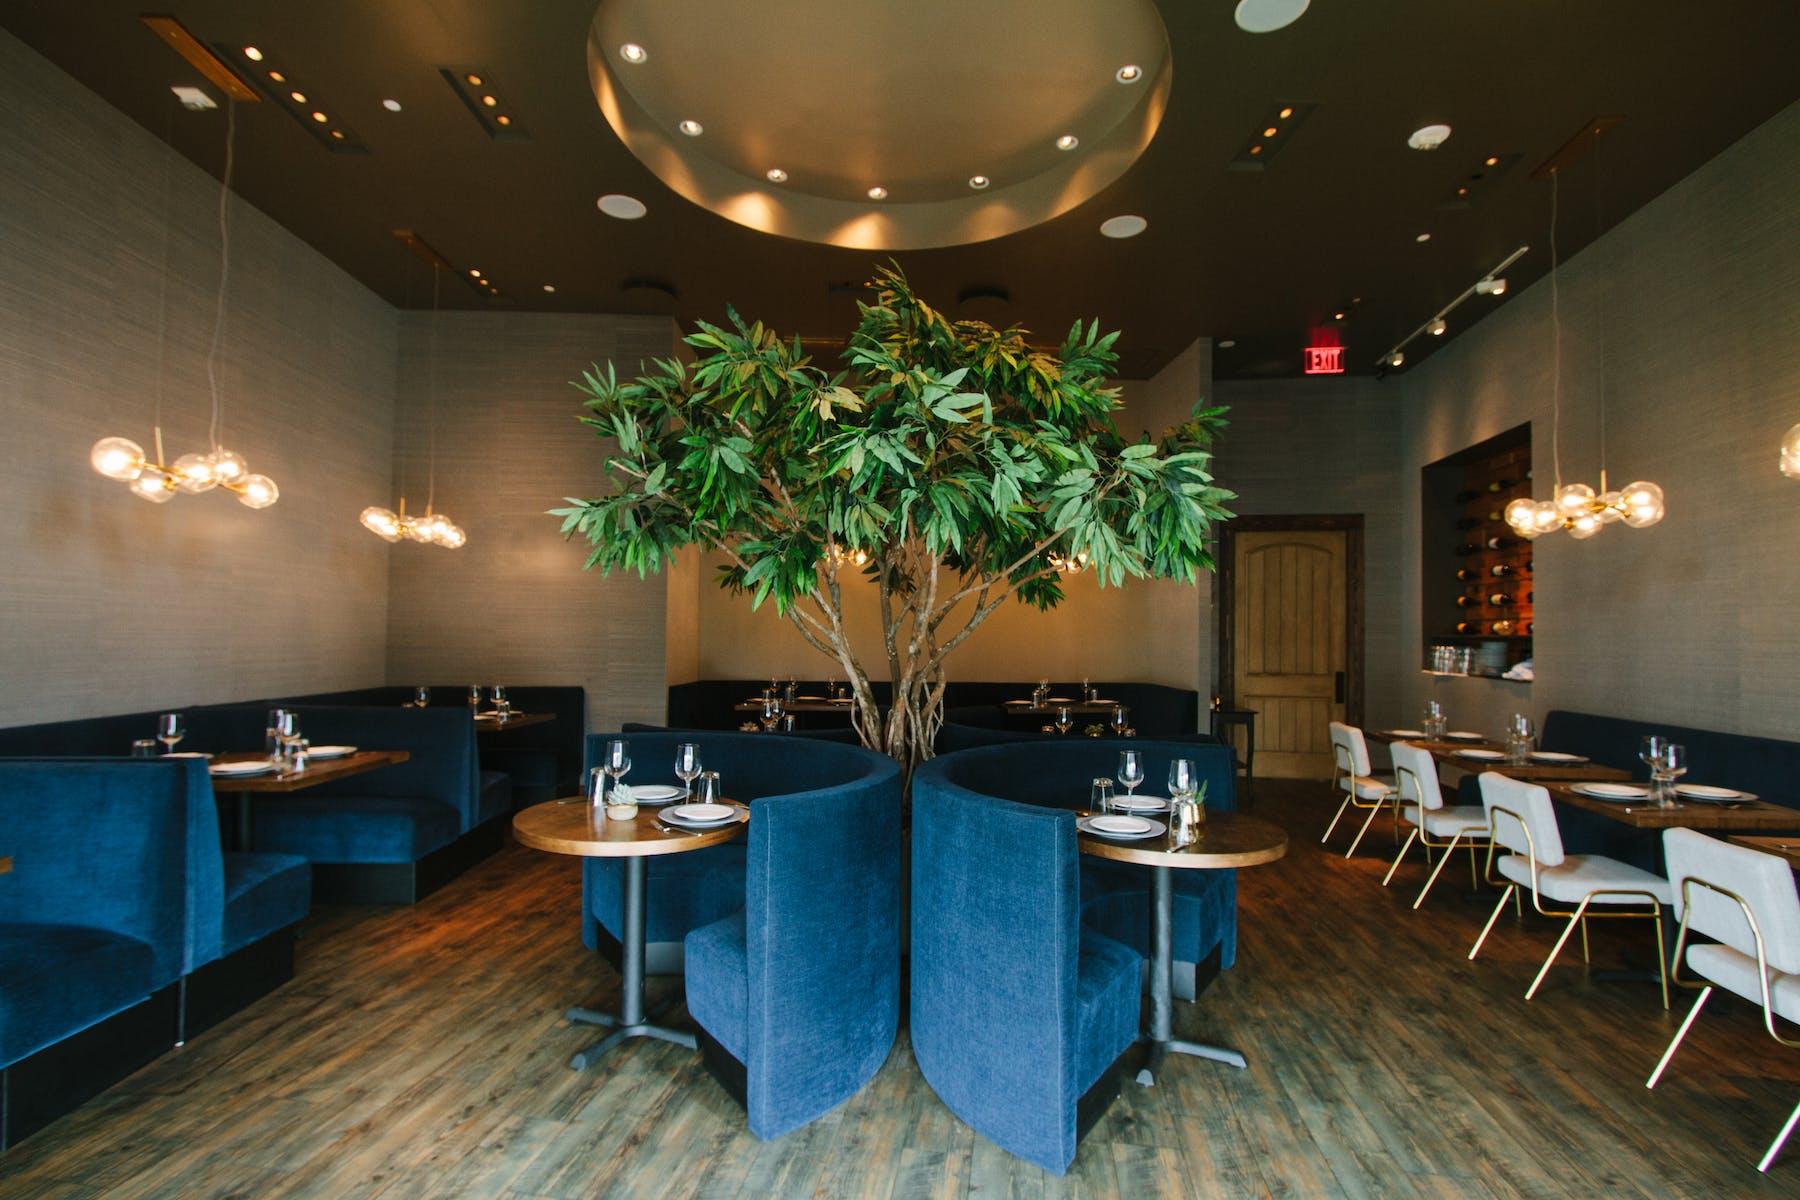 Riserva Dining Room